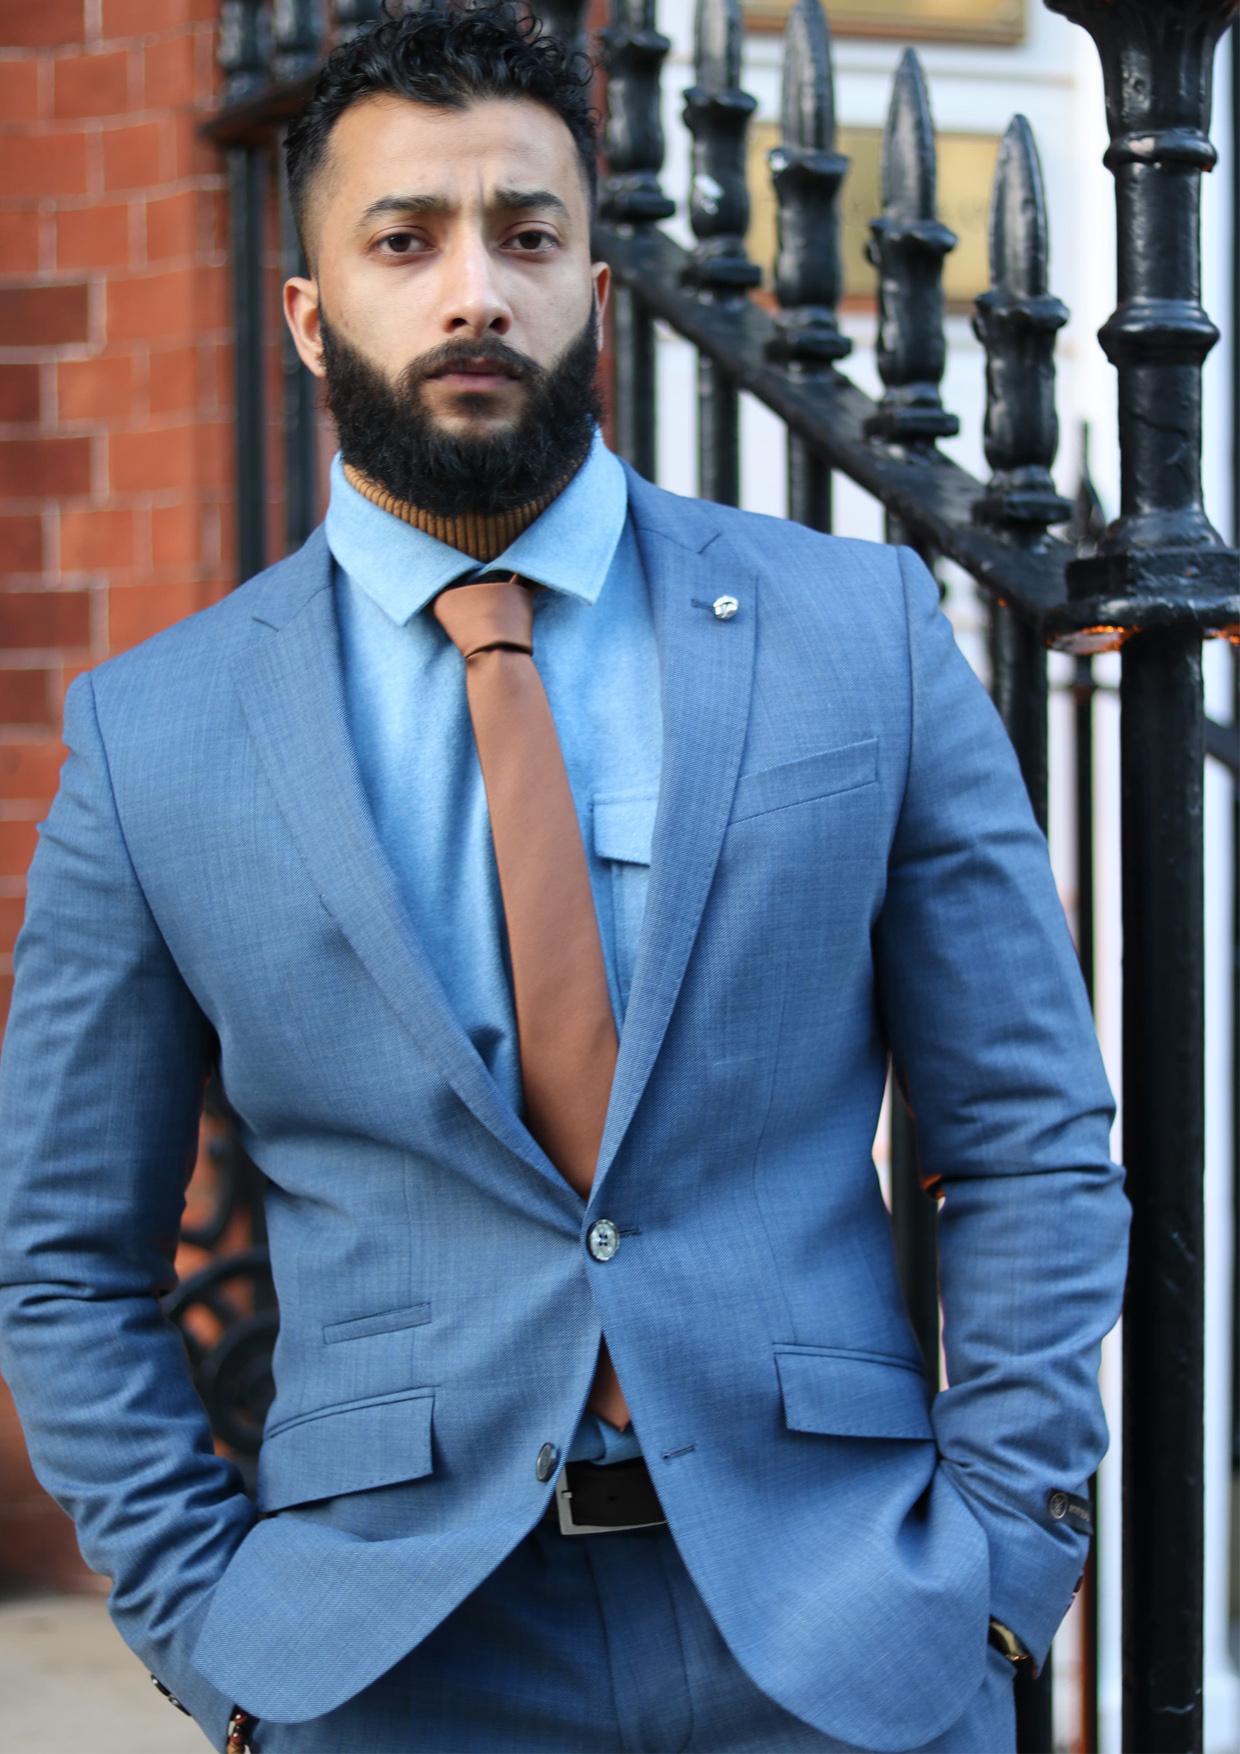 streetstyle-tailoring-5